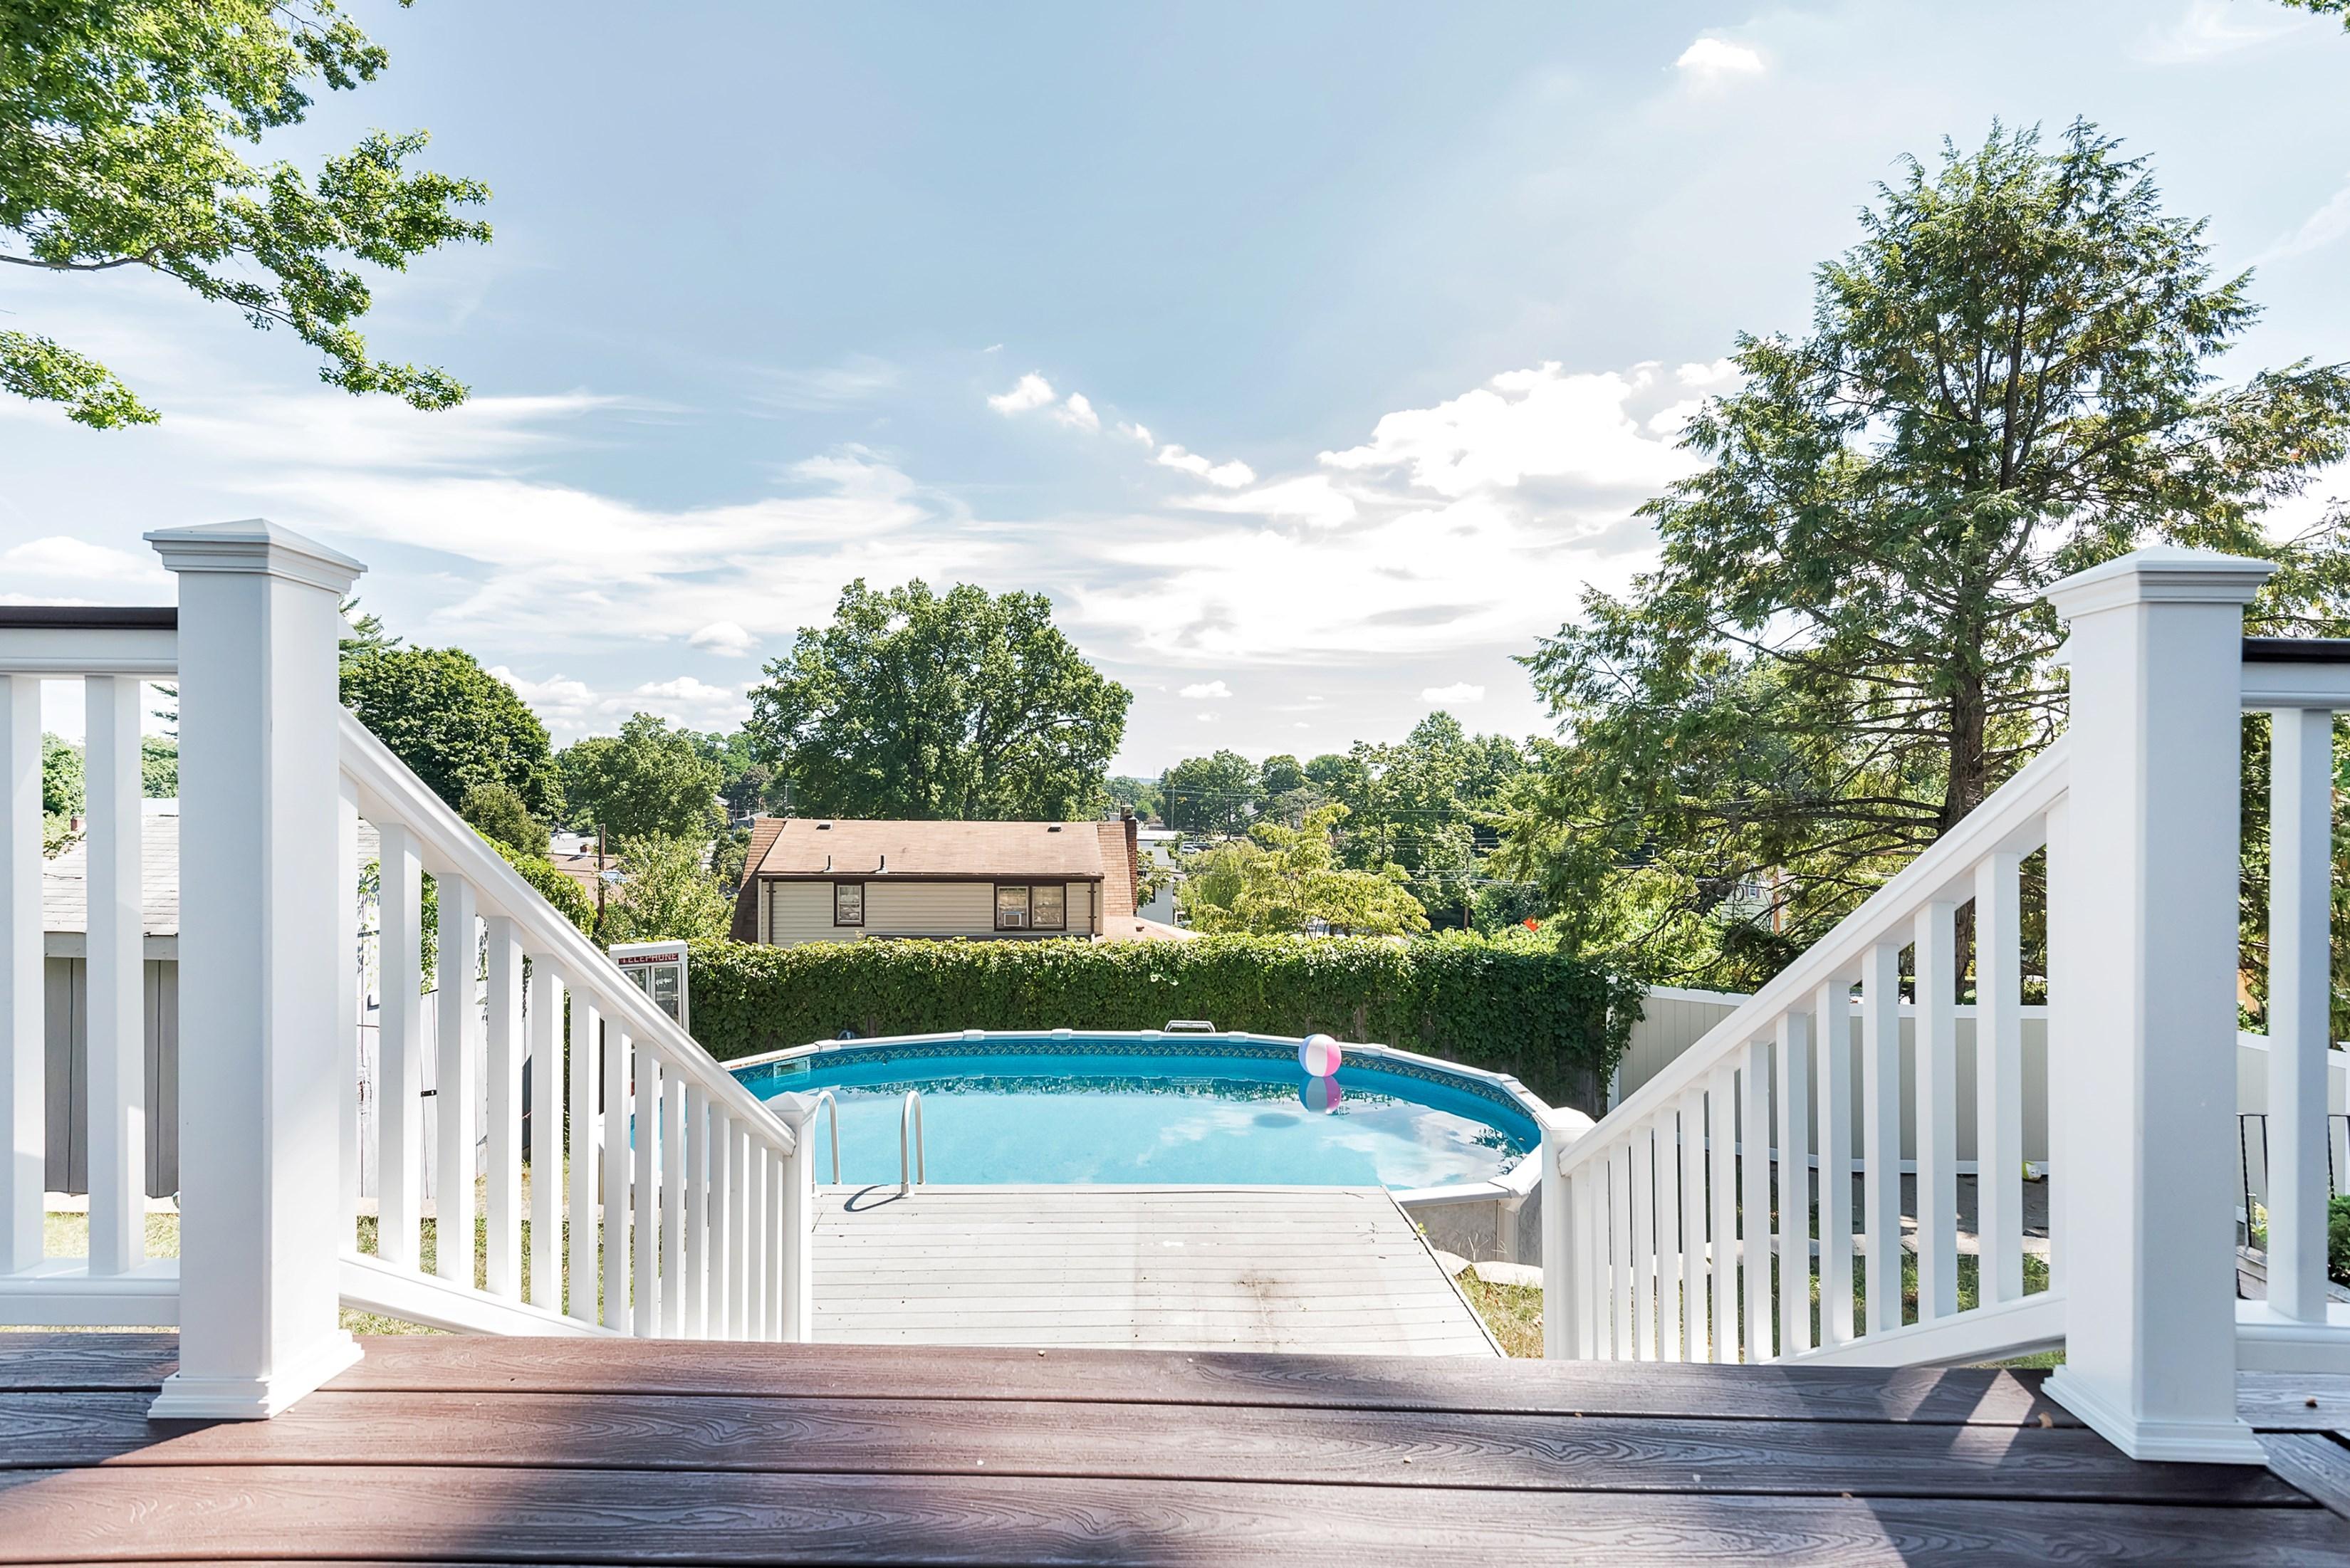 Частный односемейный дом для того Продажа на Upgraded Cape Cod Beauty 203 Wortendyke Avenue Emerson, Нью-Джерси 07630 Соединенные Штаты